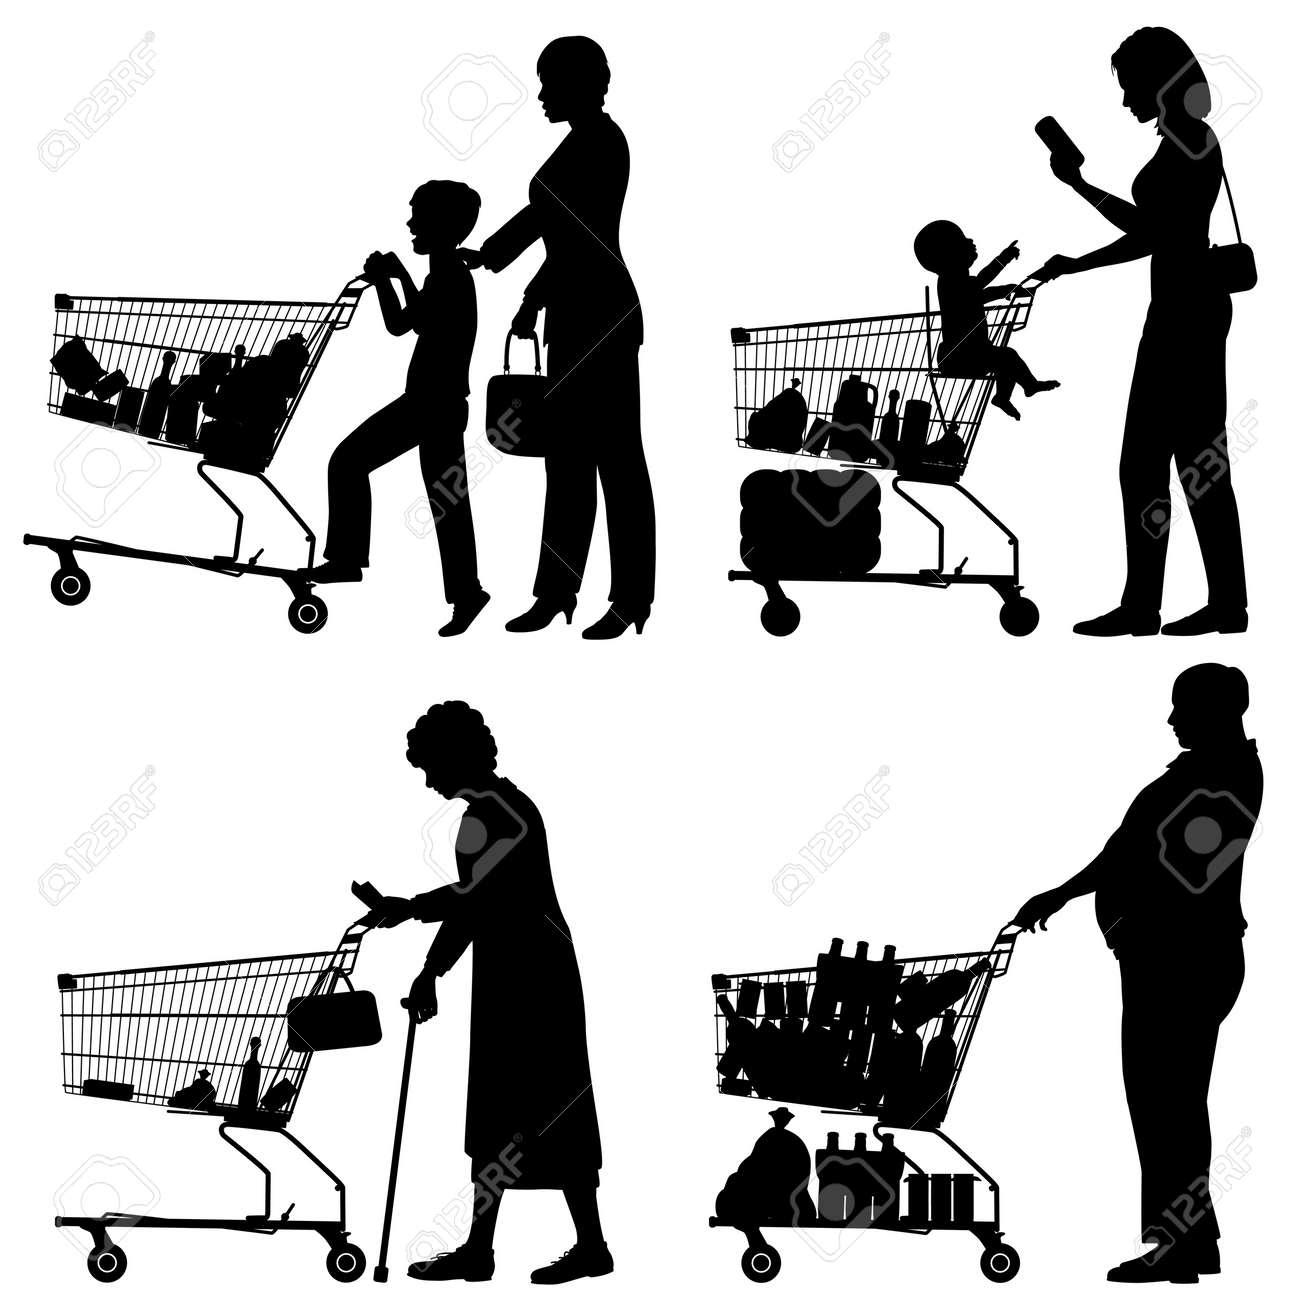 Editable siluetas de personas y su supermercado carritos de la compra con todos los elementos como objetos separados Foto de archivo - 21783825